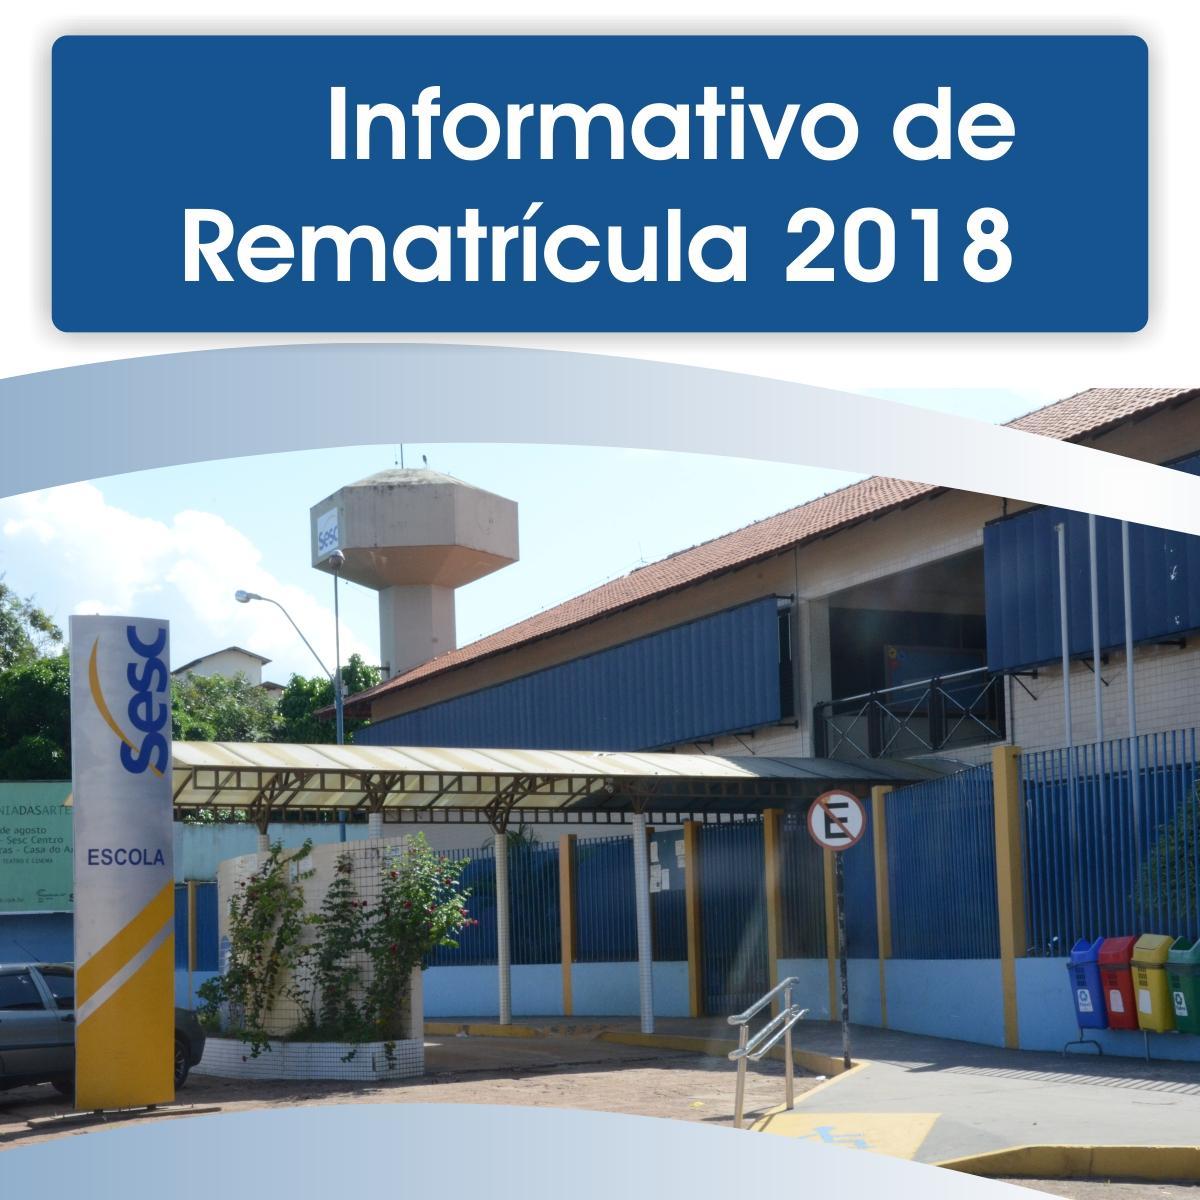 Informativo de rematrícula 2018 - ALUNOS VETERANOS